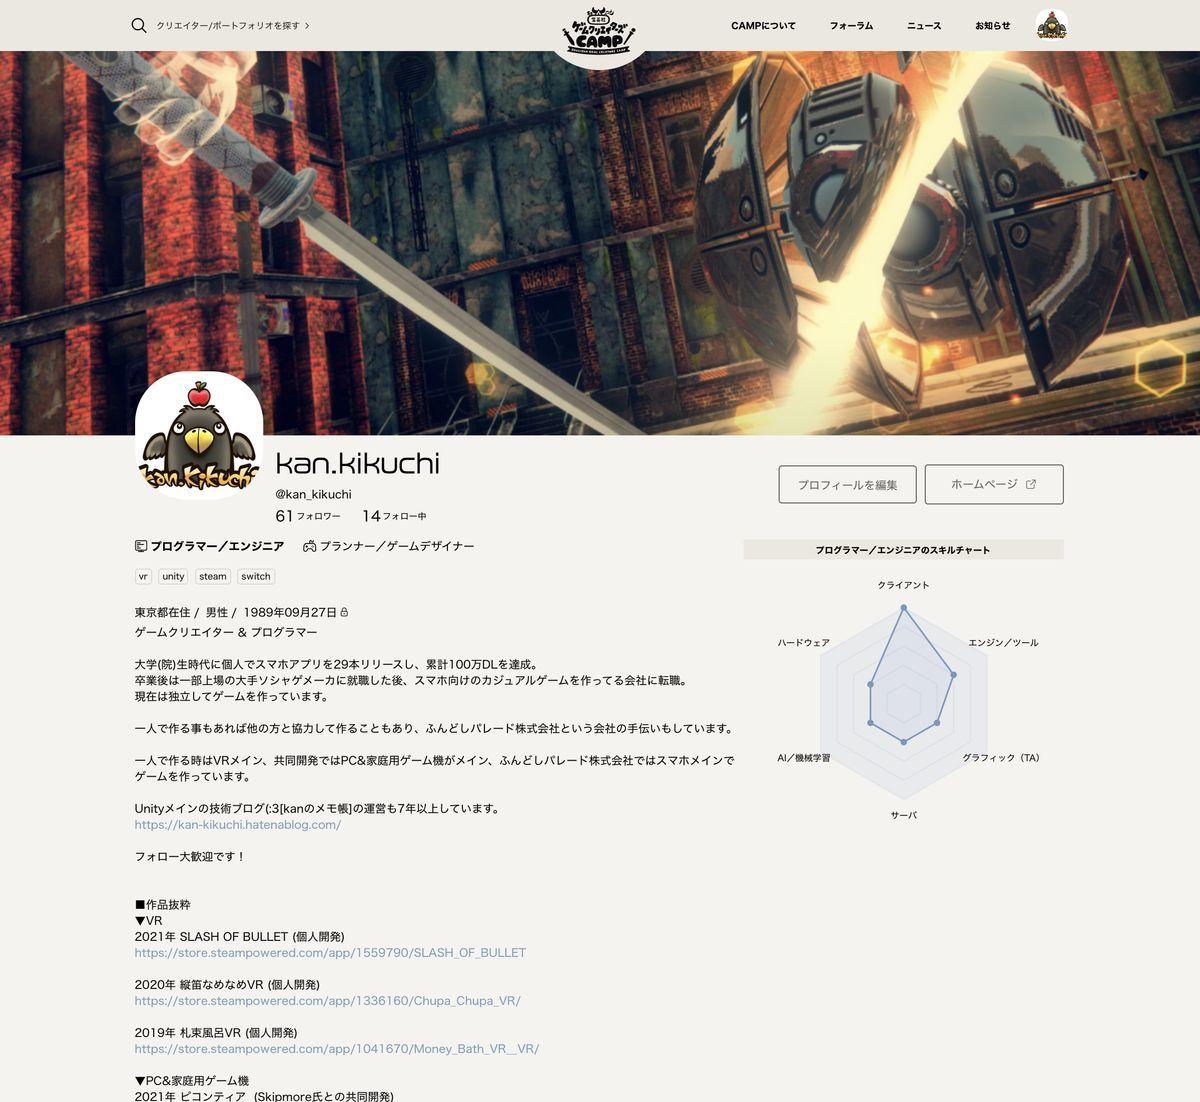 f:id:kan_kikuchi:20210421170902j:plain